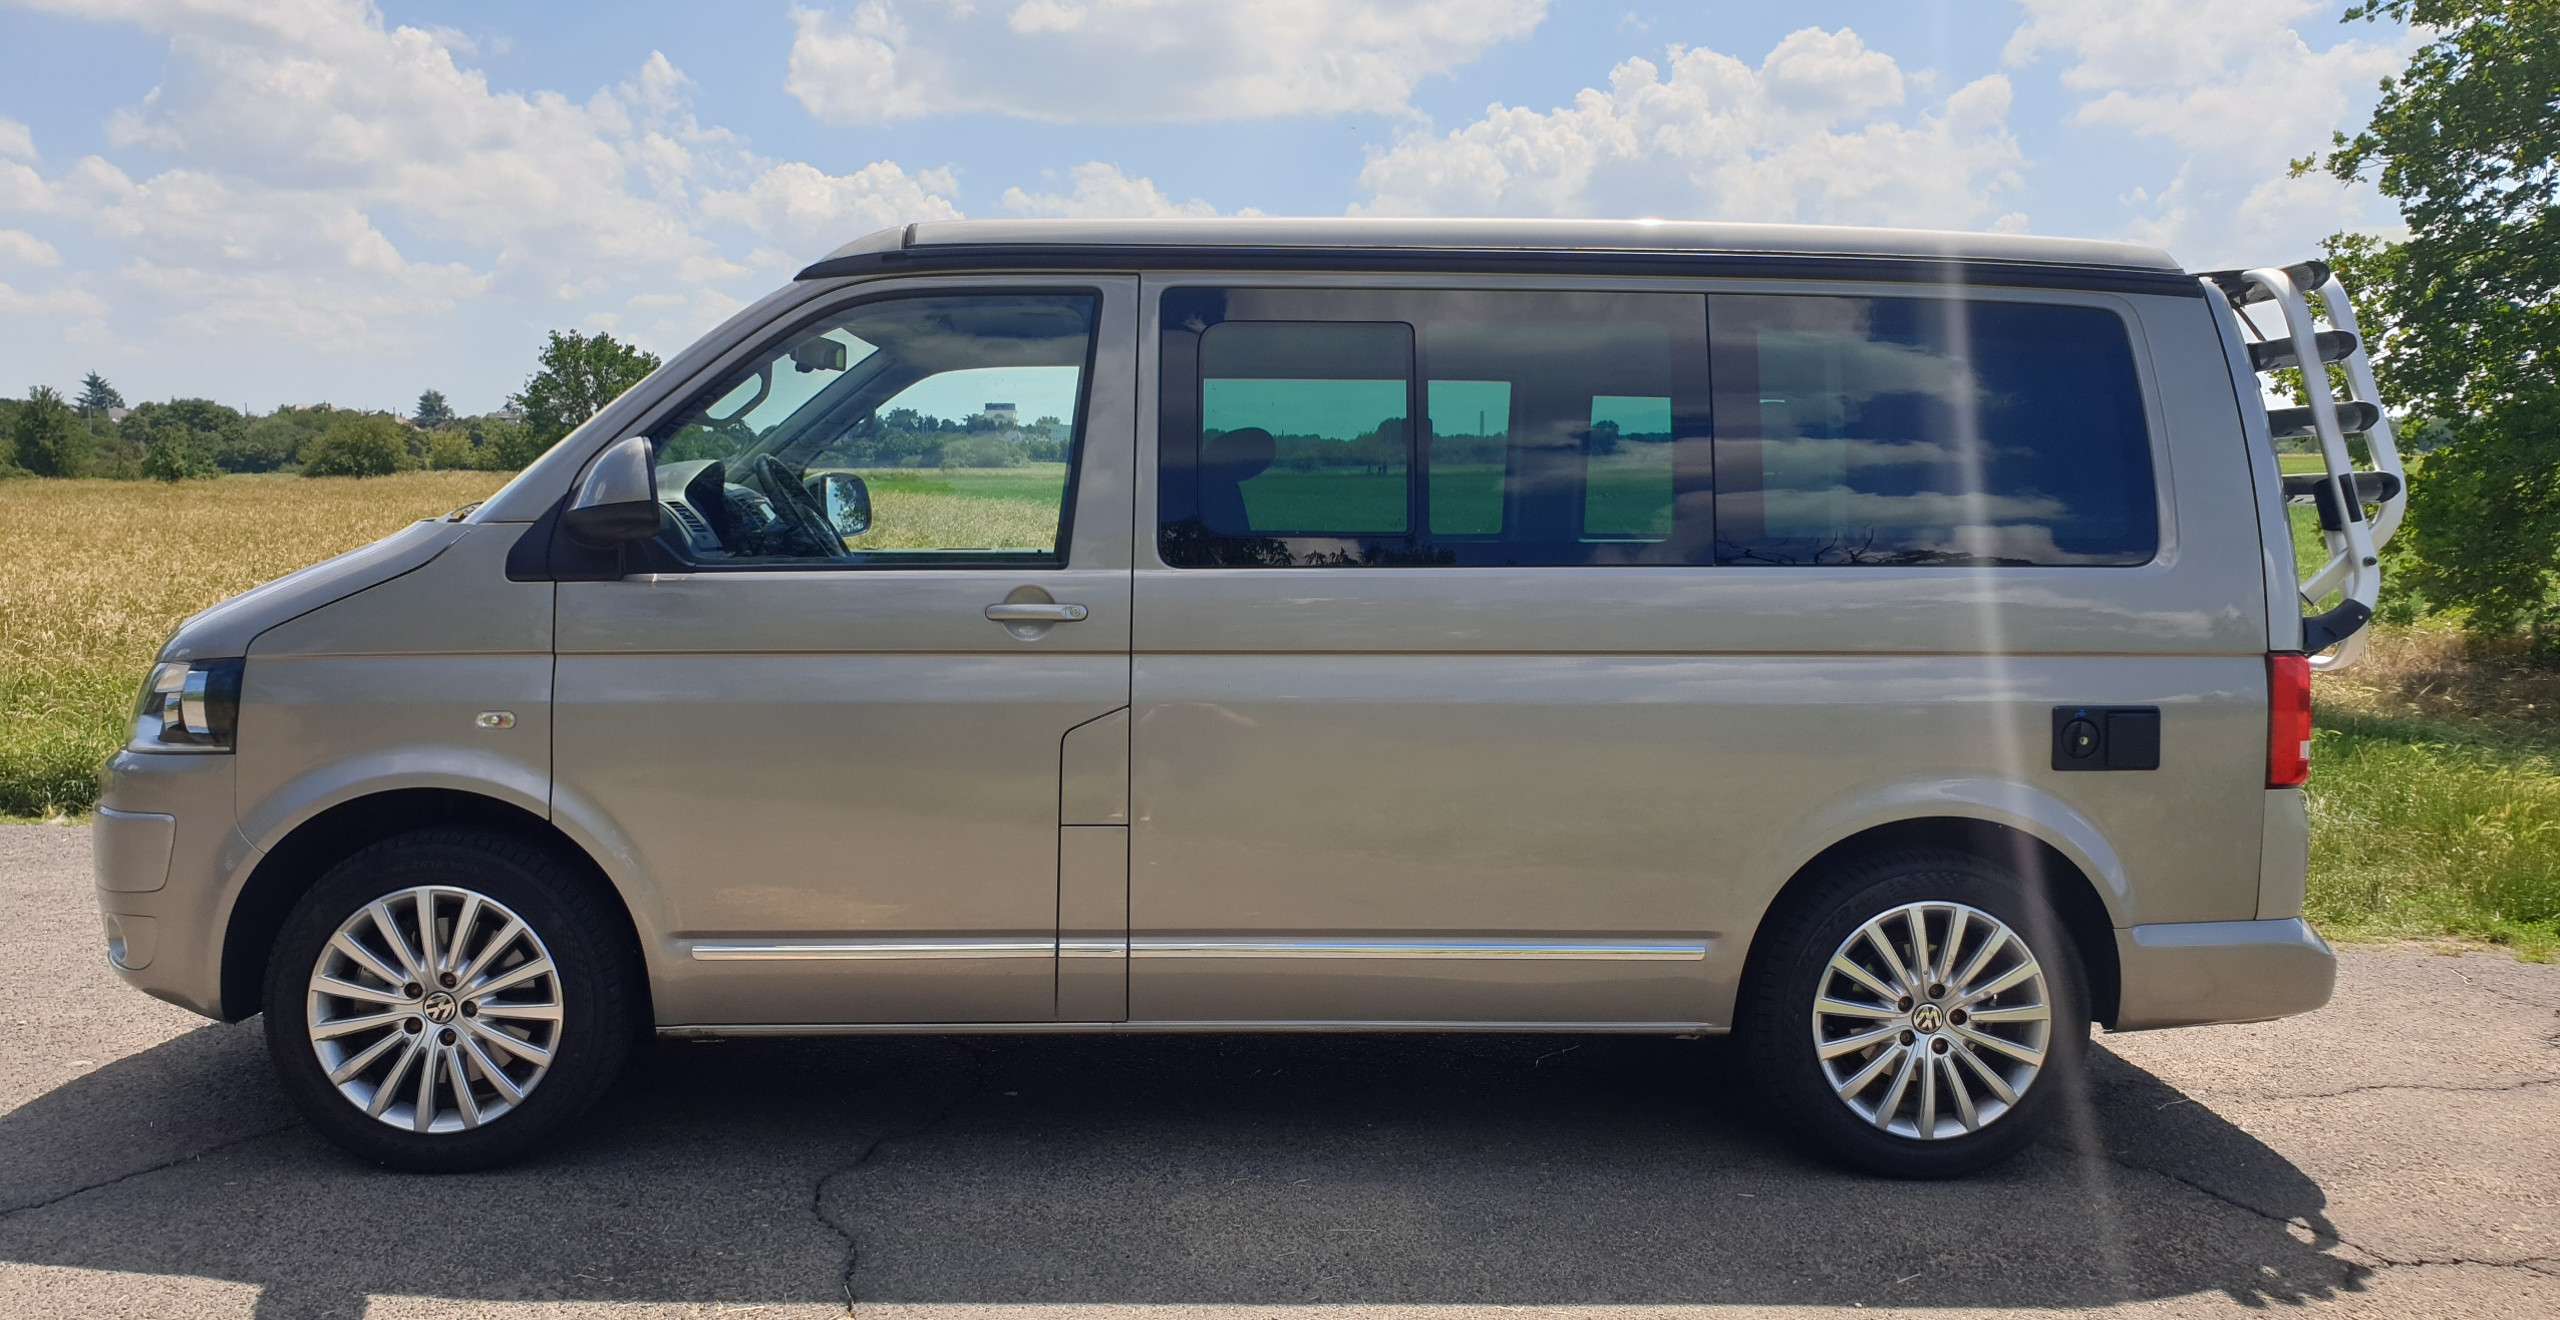 Import Auto Allemagne - Auto Convoi Allemagne - Volkswagen T5 California Confortline 2.0 TDI 180ch